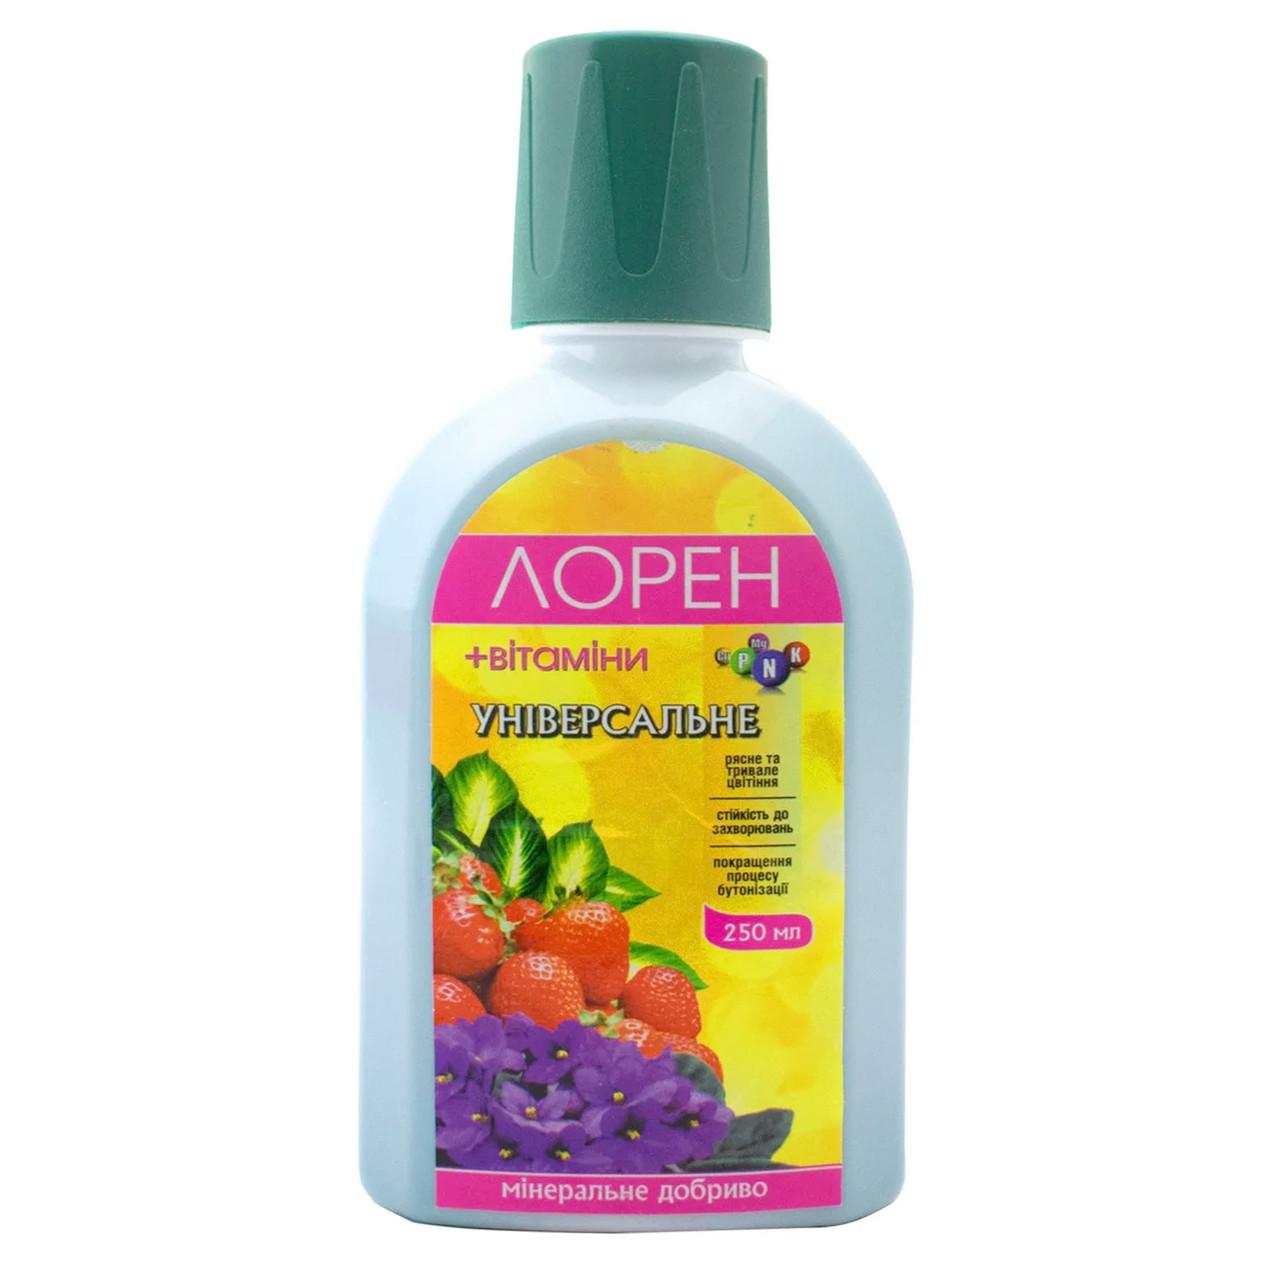 Удобрение Лорен универсальное + витамины 250 мл